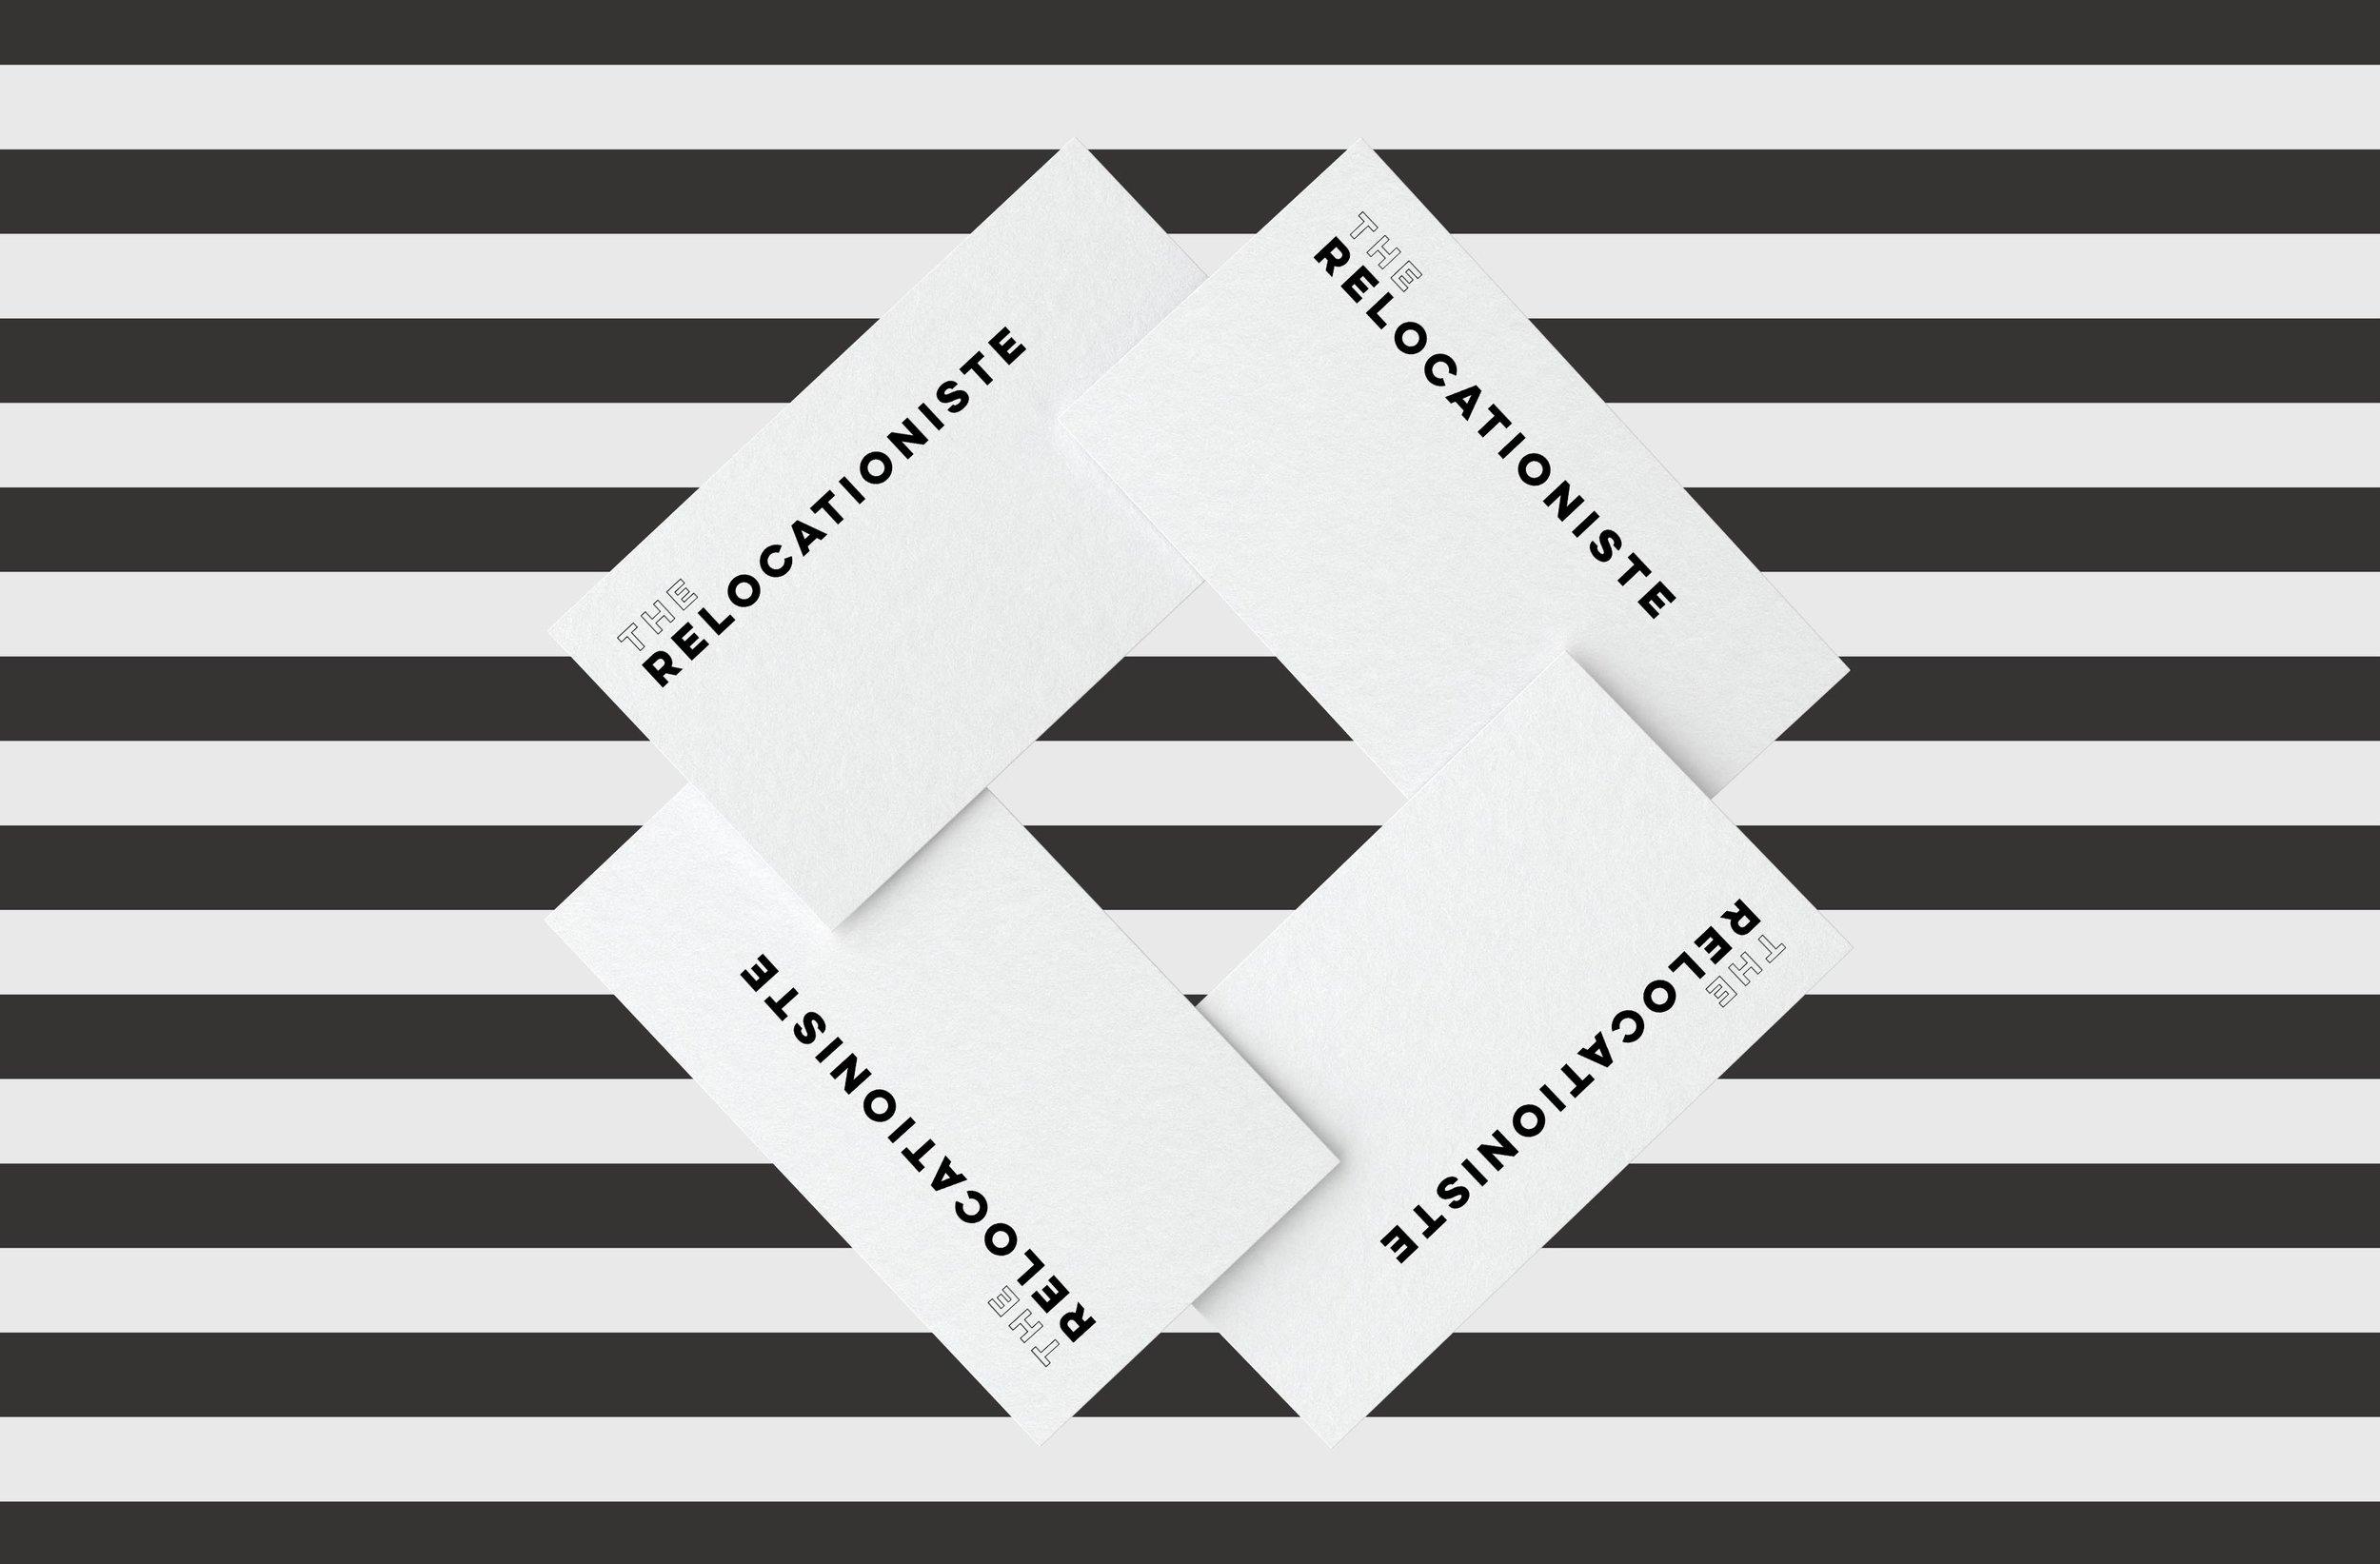 Business+Cards+w+Stripe.jpg